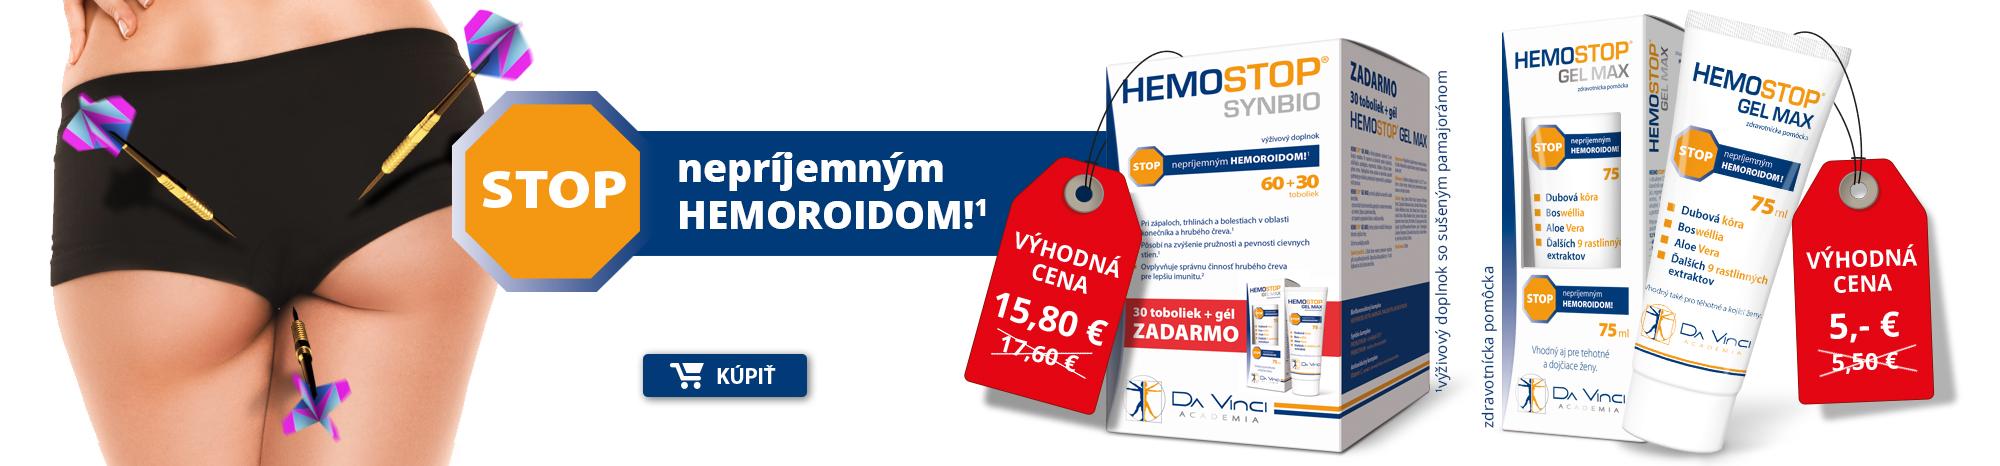 Banner-Hemostop-2000x466px-SK_03-2021